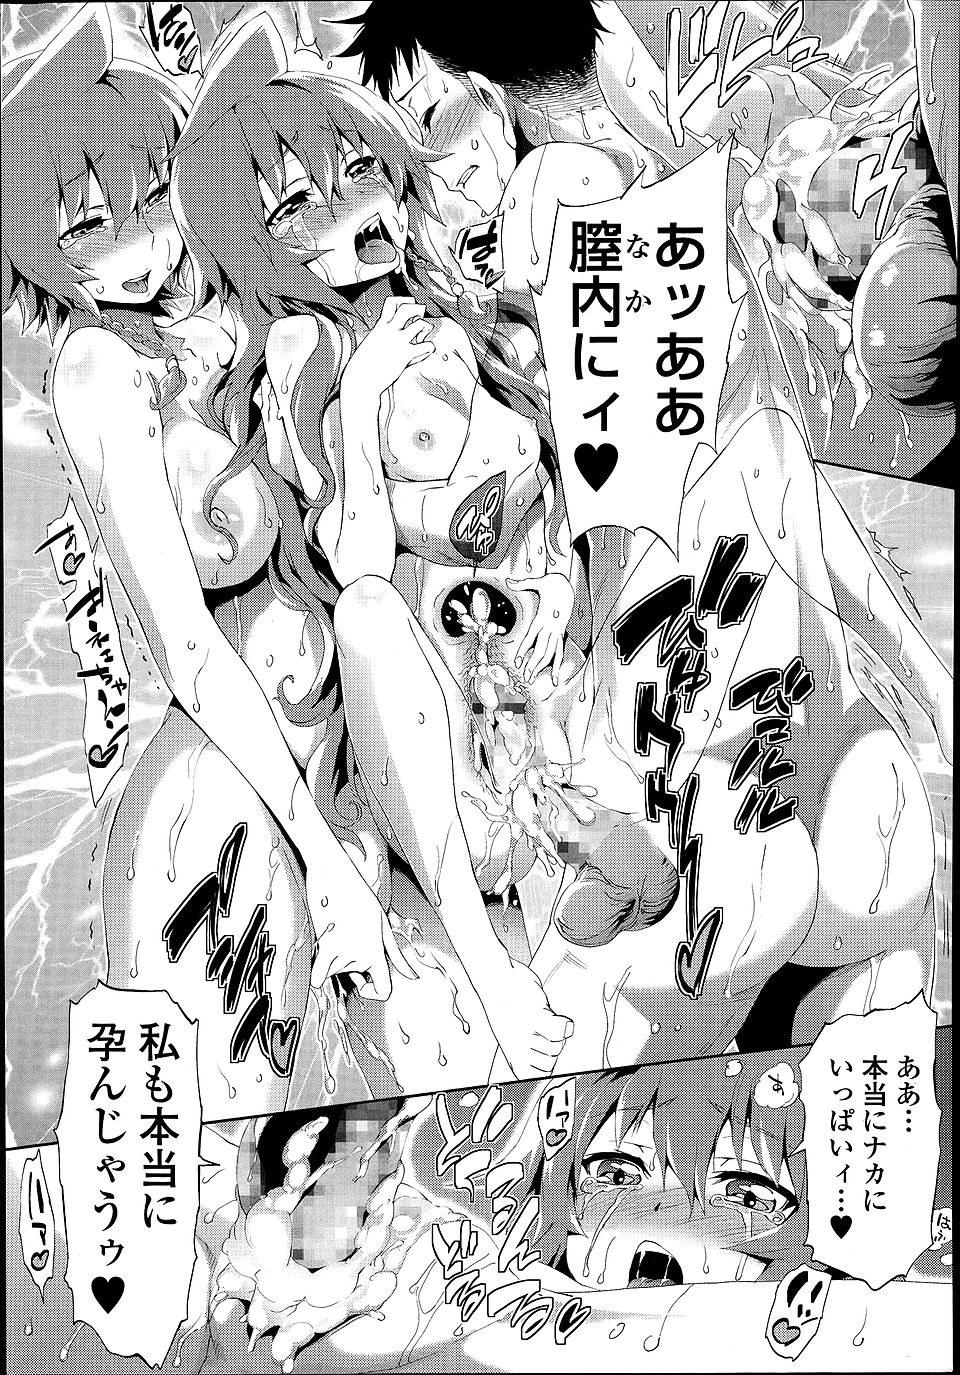 カップルで海に来て岩場でセックスしようとしたら彼女のシスコン姉が現れて3Pすることに♪【エロ漫画・同人誌】 023